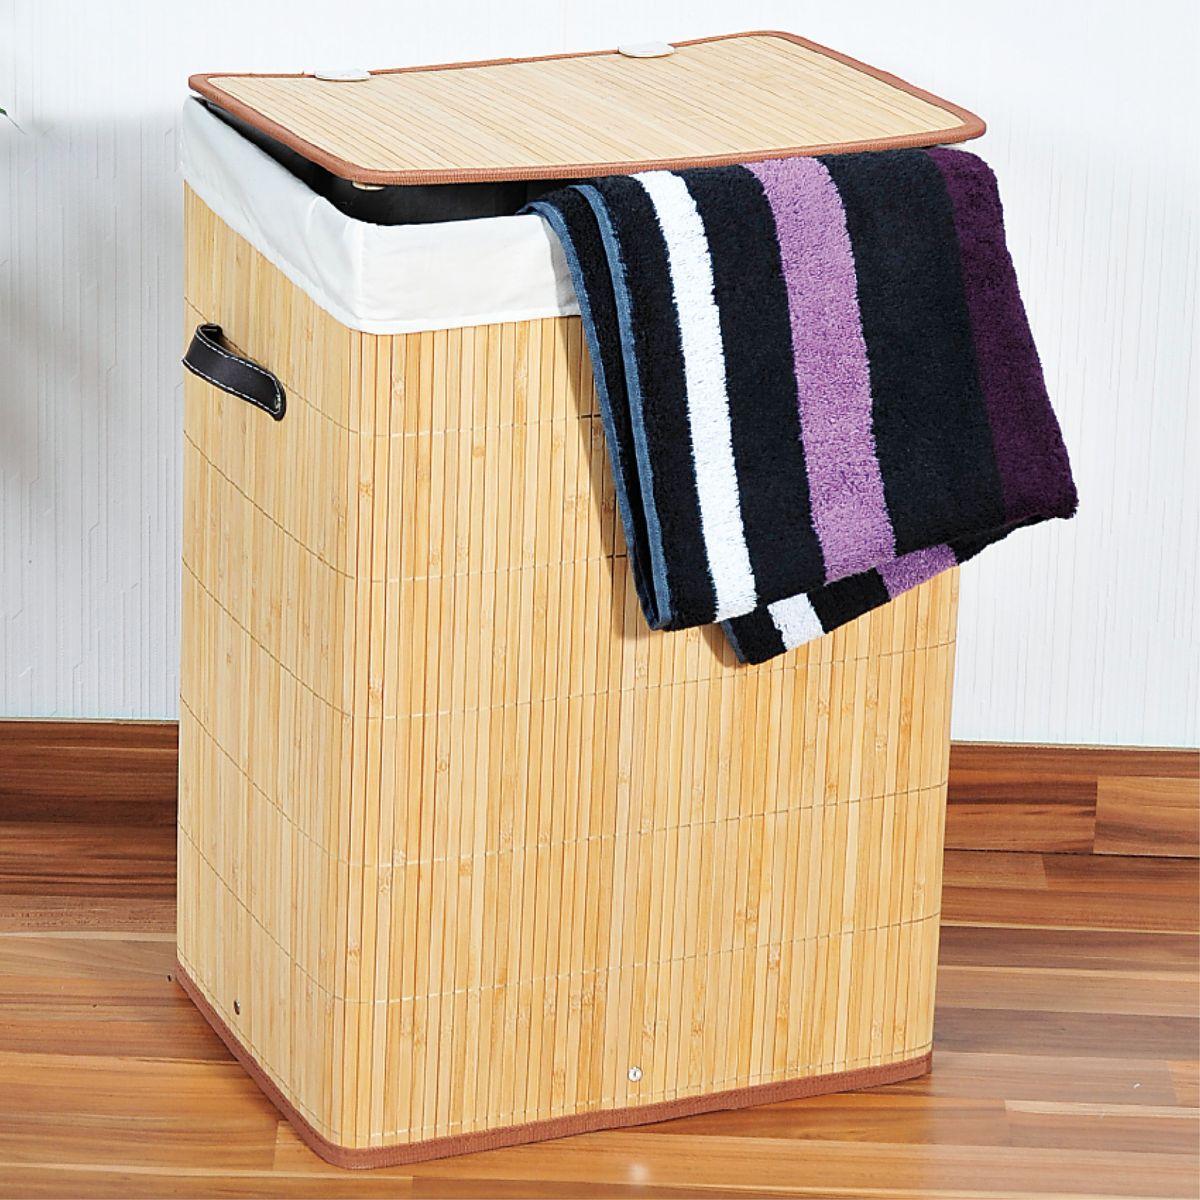 Корзина для белья Kesper, 42 х 32 х 60 см 1955-11955-1Корзина для белья Kesper, выполненная из натурального дерева, предназначена для хранения белья перед стиркой. Корзина очень легко собирается. Внутренний чехол корзины изготовлен из текстиля. Изделие оснащено крышкой и удобными ручками из искусственной кожи. Корзина для белья Kesper - это функциональная и полезная вещь, которая не только сохранит ваше белье, но и стильно украсит интерьер помещения.